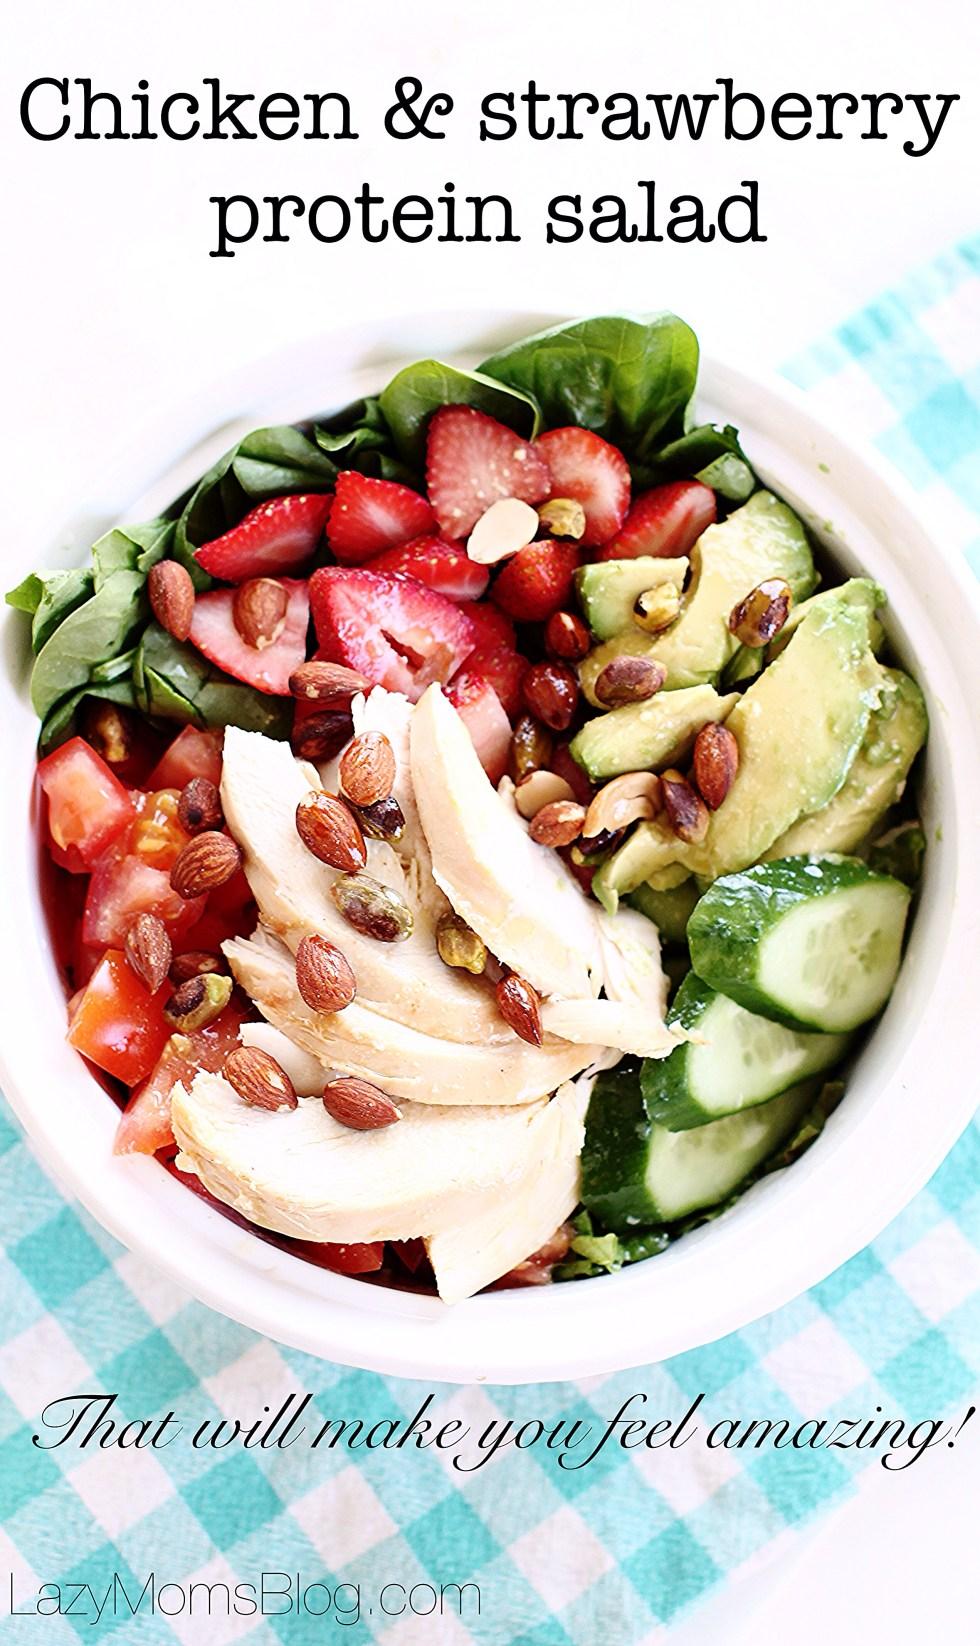 Strawberry chicken protein salad